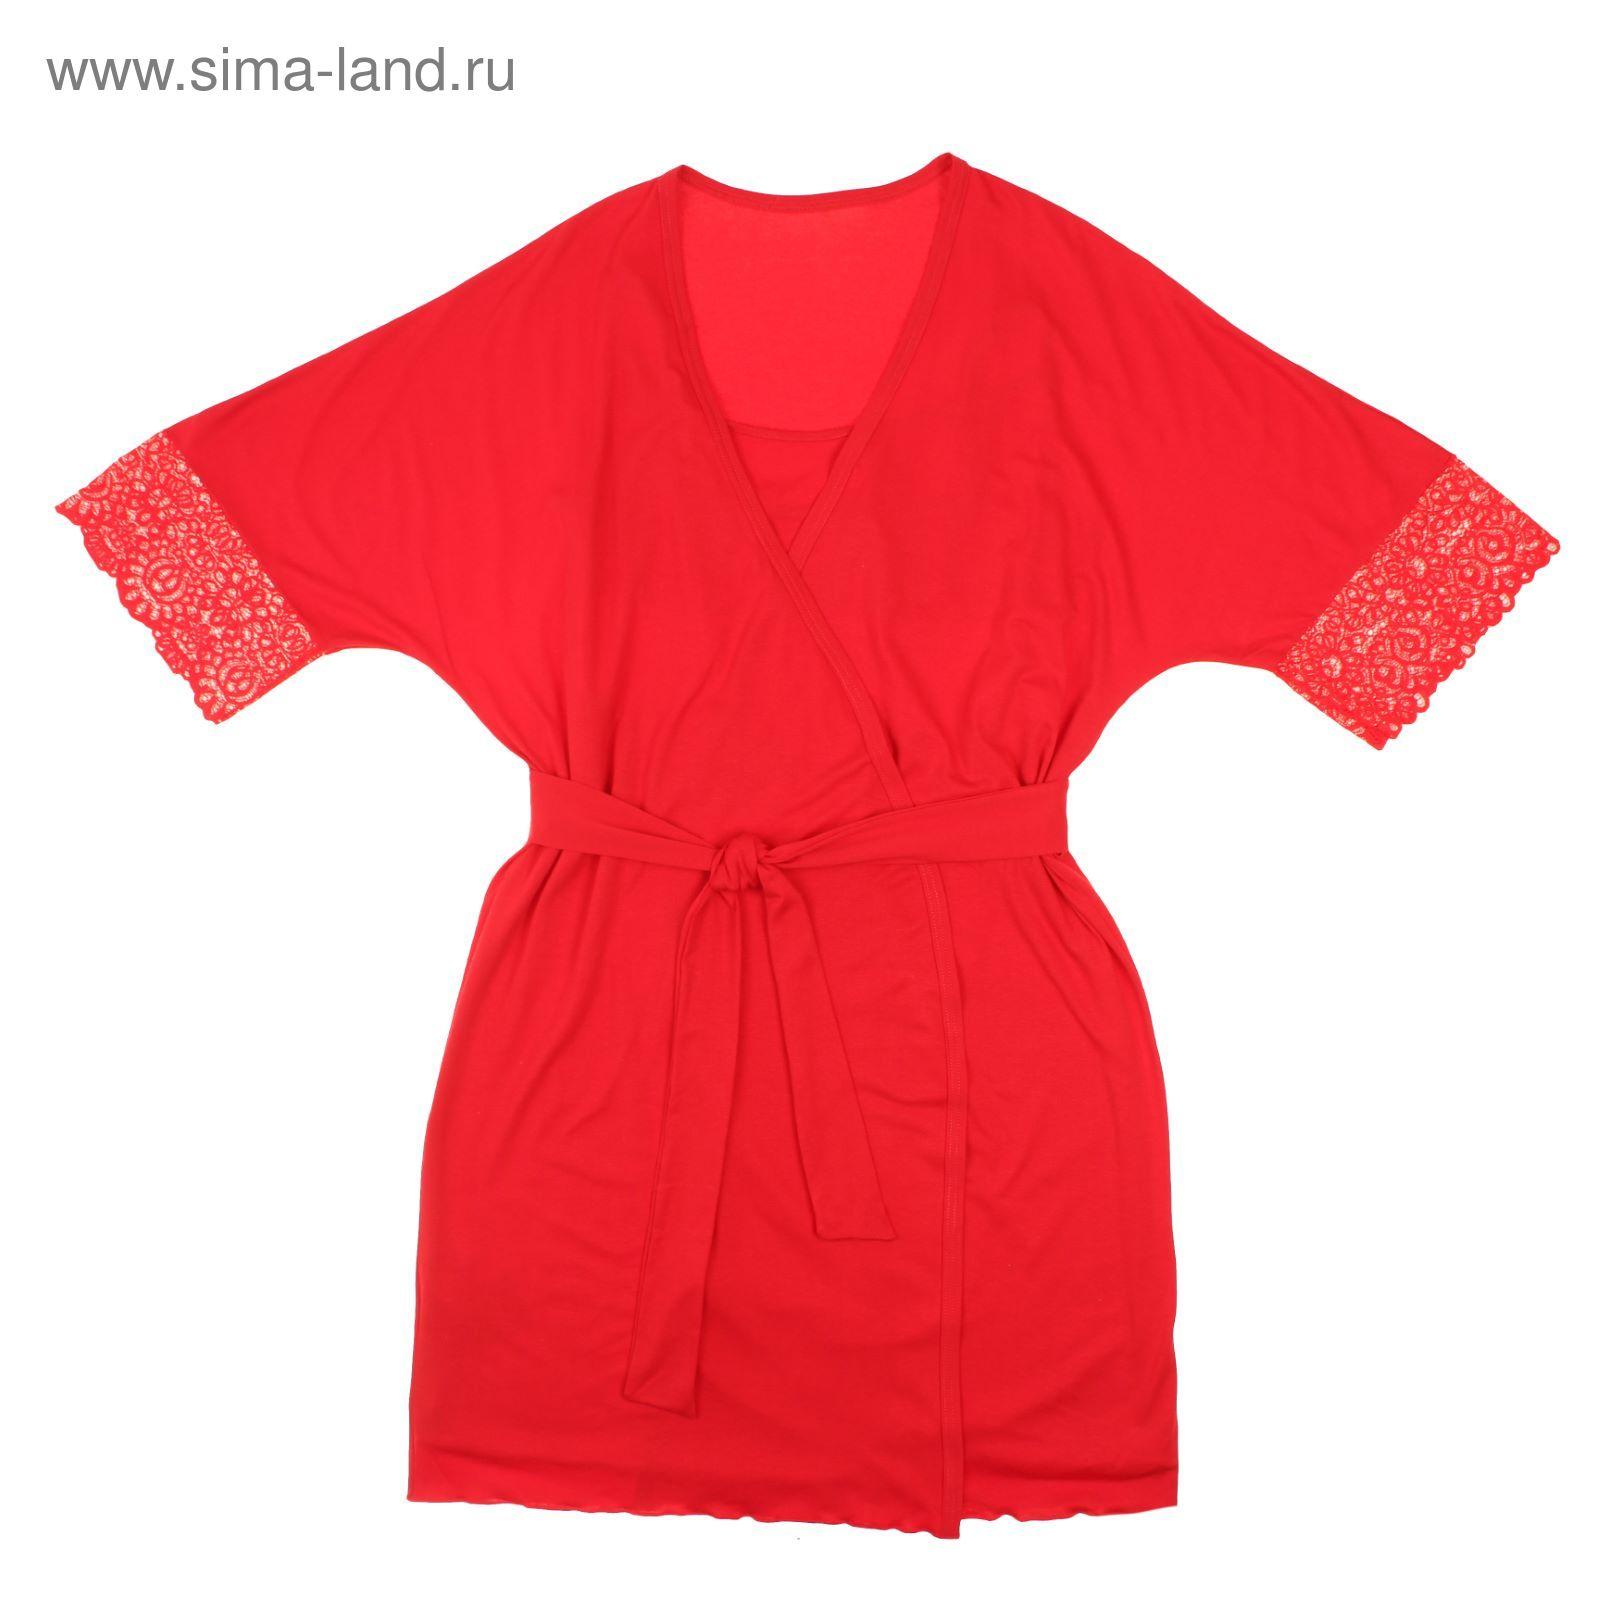 30fffe776 Комплект женский (сорочка, халат) 027К цвет красный, р-р 52 вискоза ...